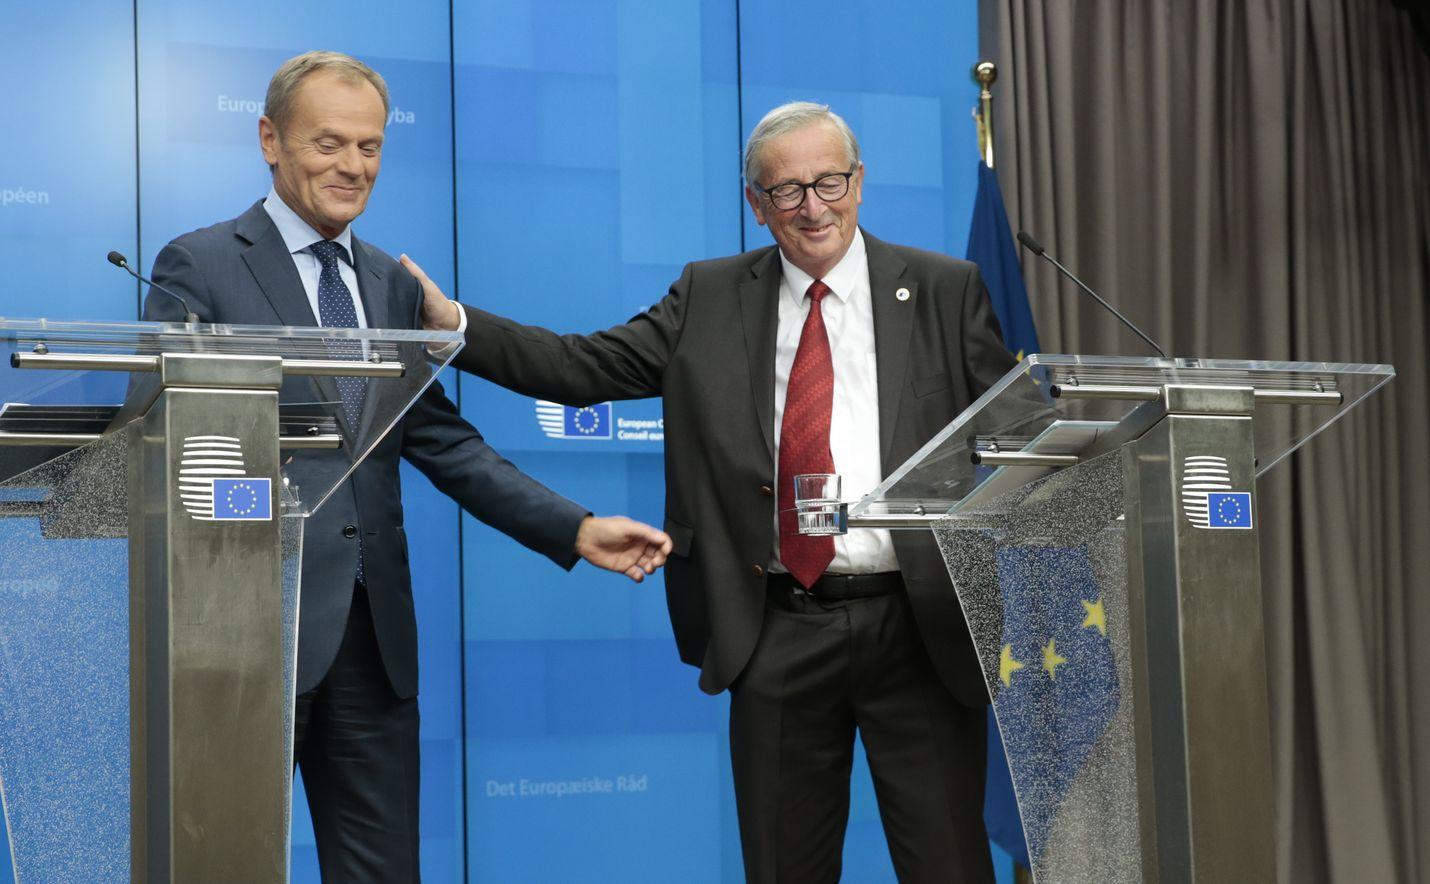 Eurooppa-neuvoston puheenjohtaja Donald Tusk (vas.) ja Euroopan parlamentin puheenjohtaja Jean-Claude Juncker.